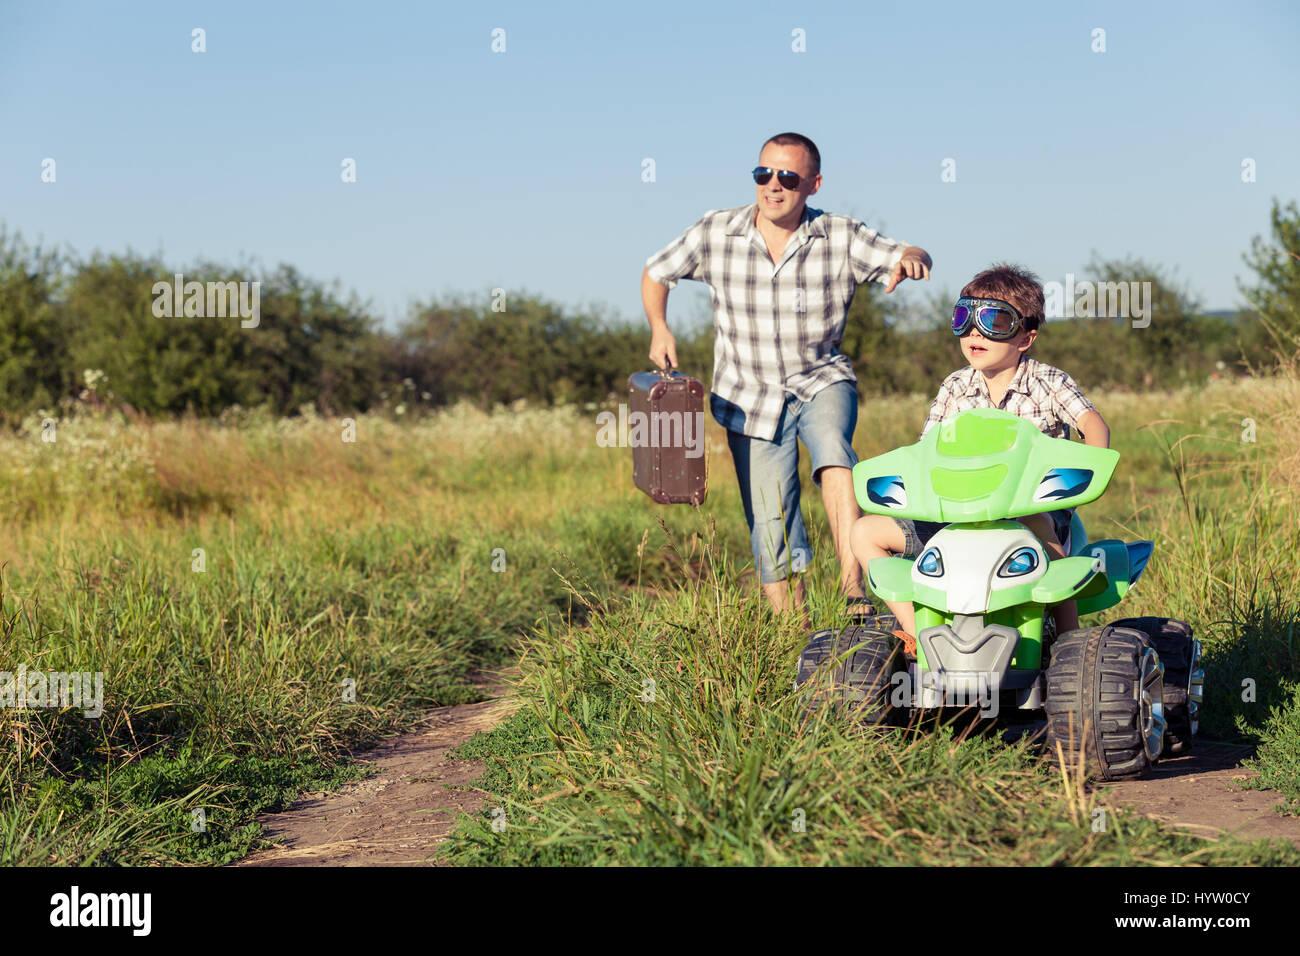 Père et fils jouant sur la route, à la journée. Ils la conduite sur quad dans le parc. Les gens s'amusant Photo Stock